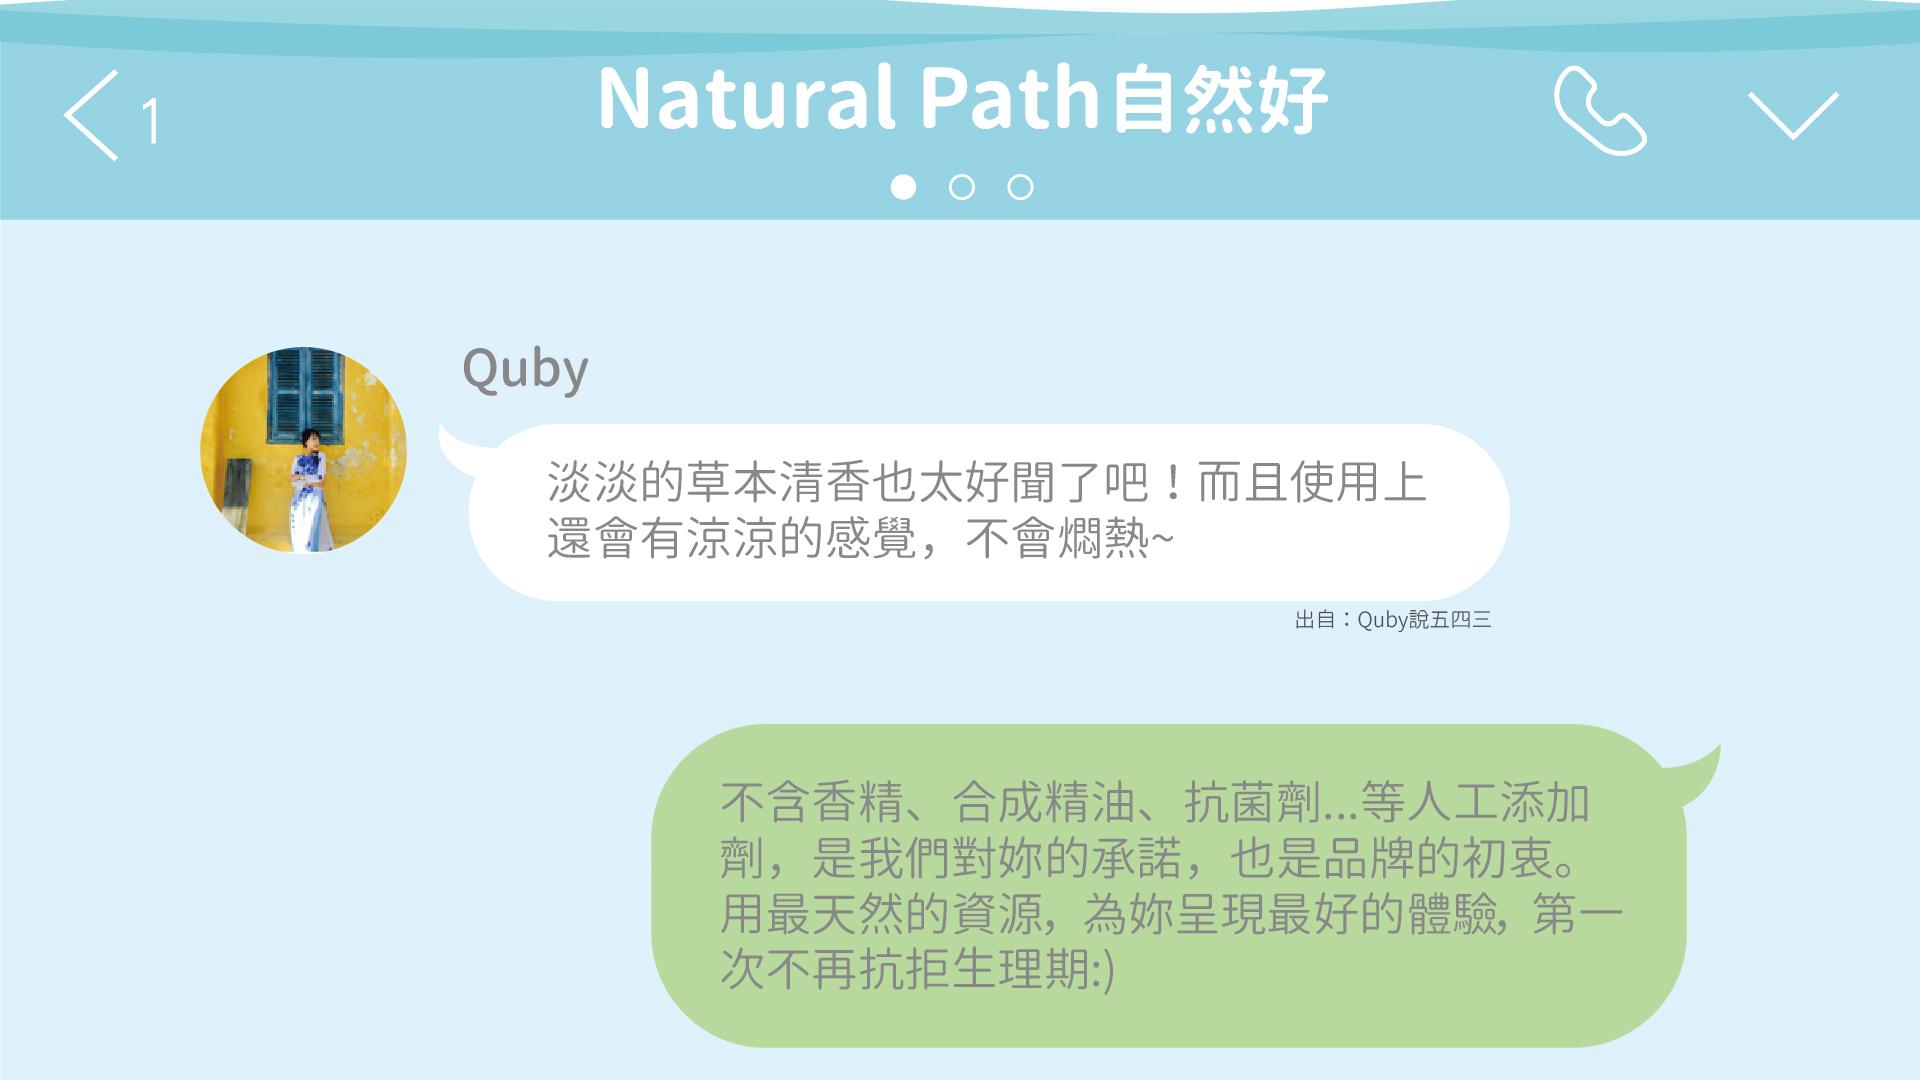 Quby:自然好草本衛生棉淡淡的草本清香也太好聞了吧!而且使用上 還會有涼涼的感覺,不會燜熱~ 回覆:不含香精、合成精油、抗菌劑...等人工添加 劑,是我們對妳的承諾,也是品牌的初衷。 用最天然的資源,為妳呈現最好的體驗,第一 次不再抗拒生理期:)